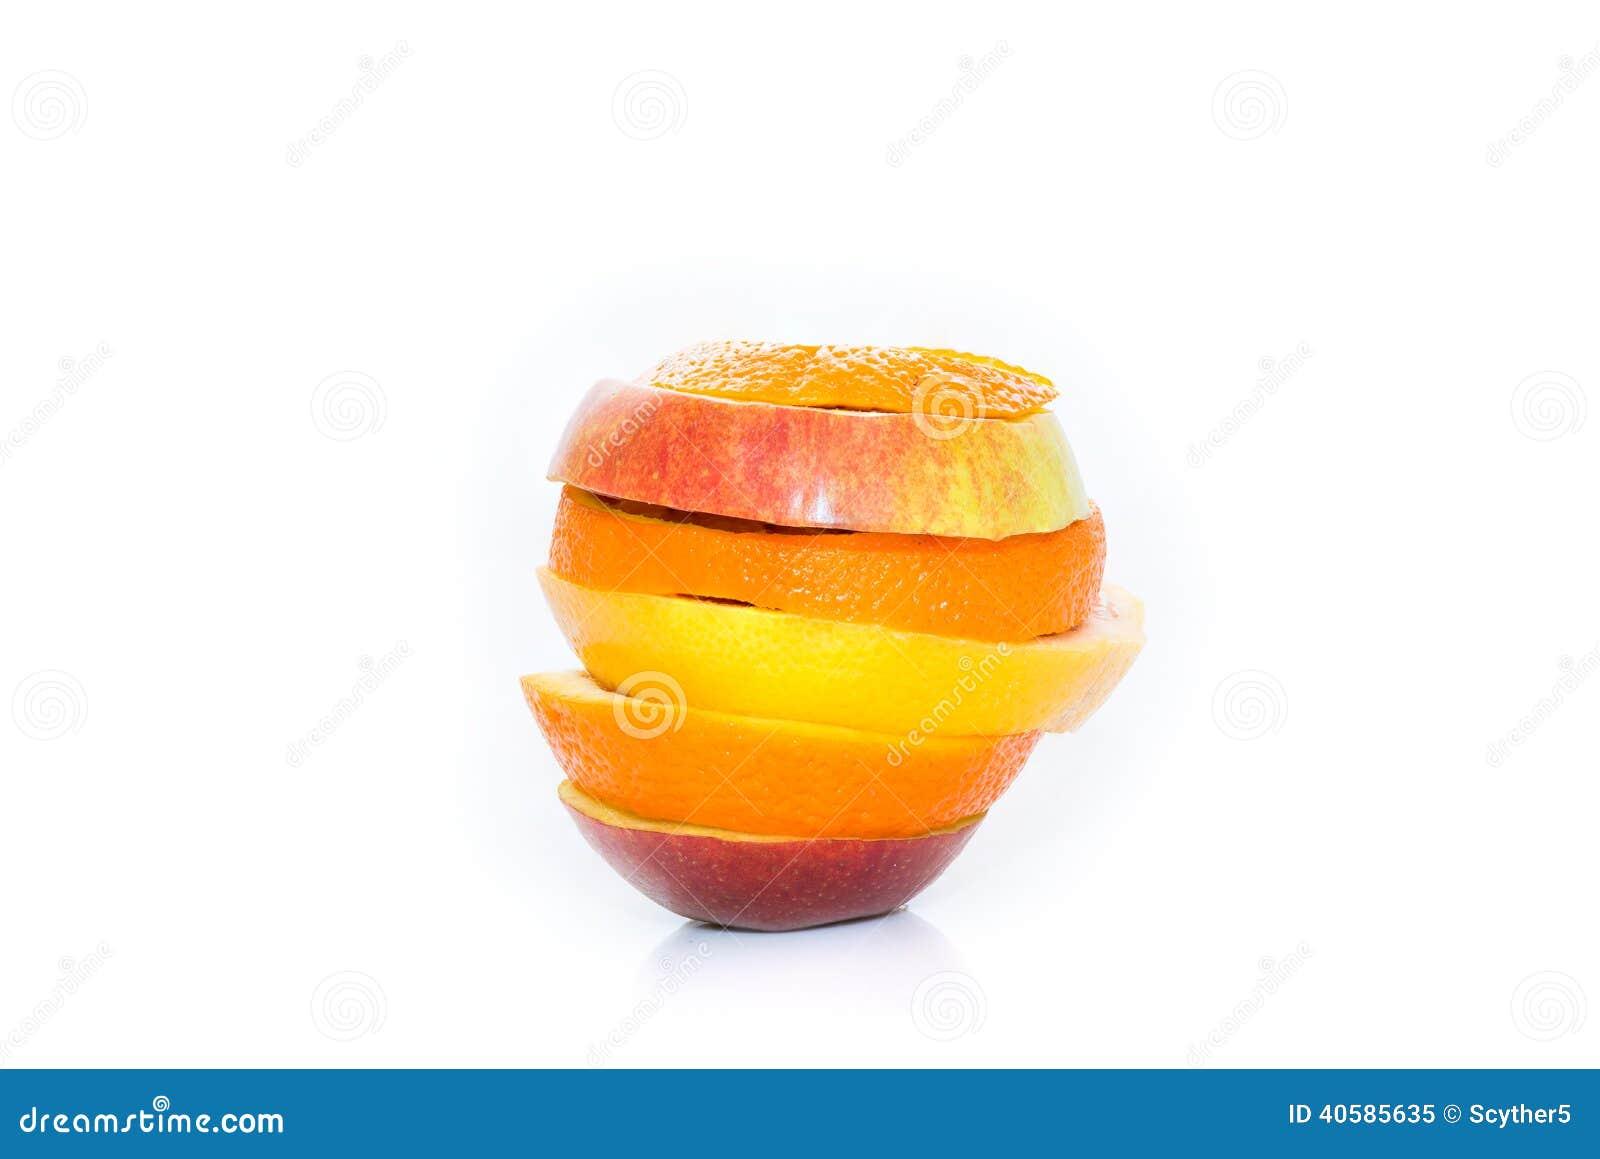 Изолированные цитрусовые фрукты яблок, апельсина и